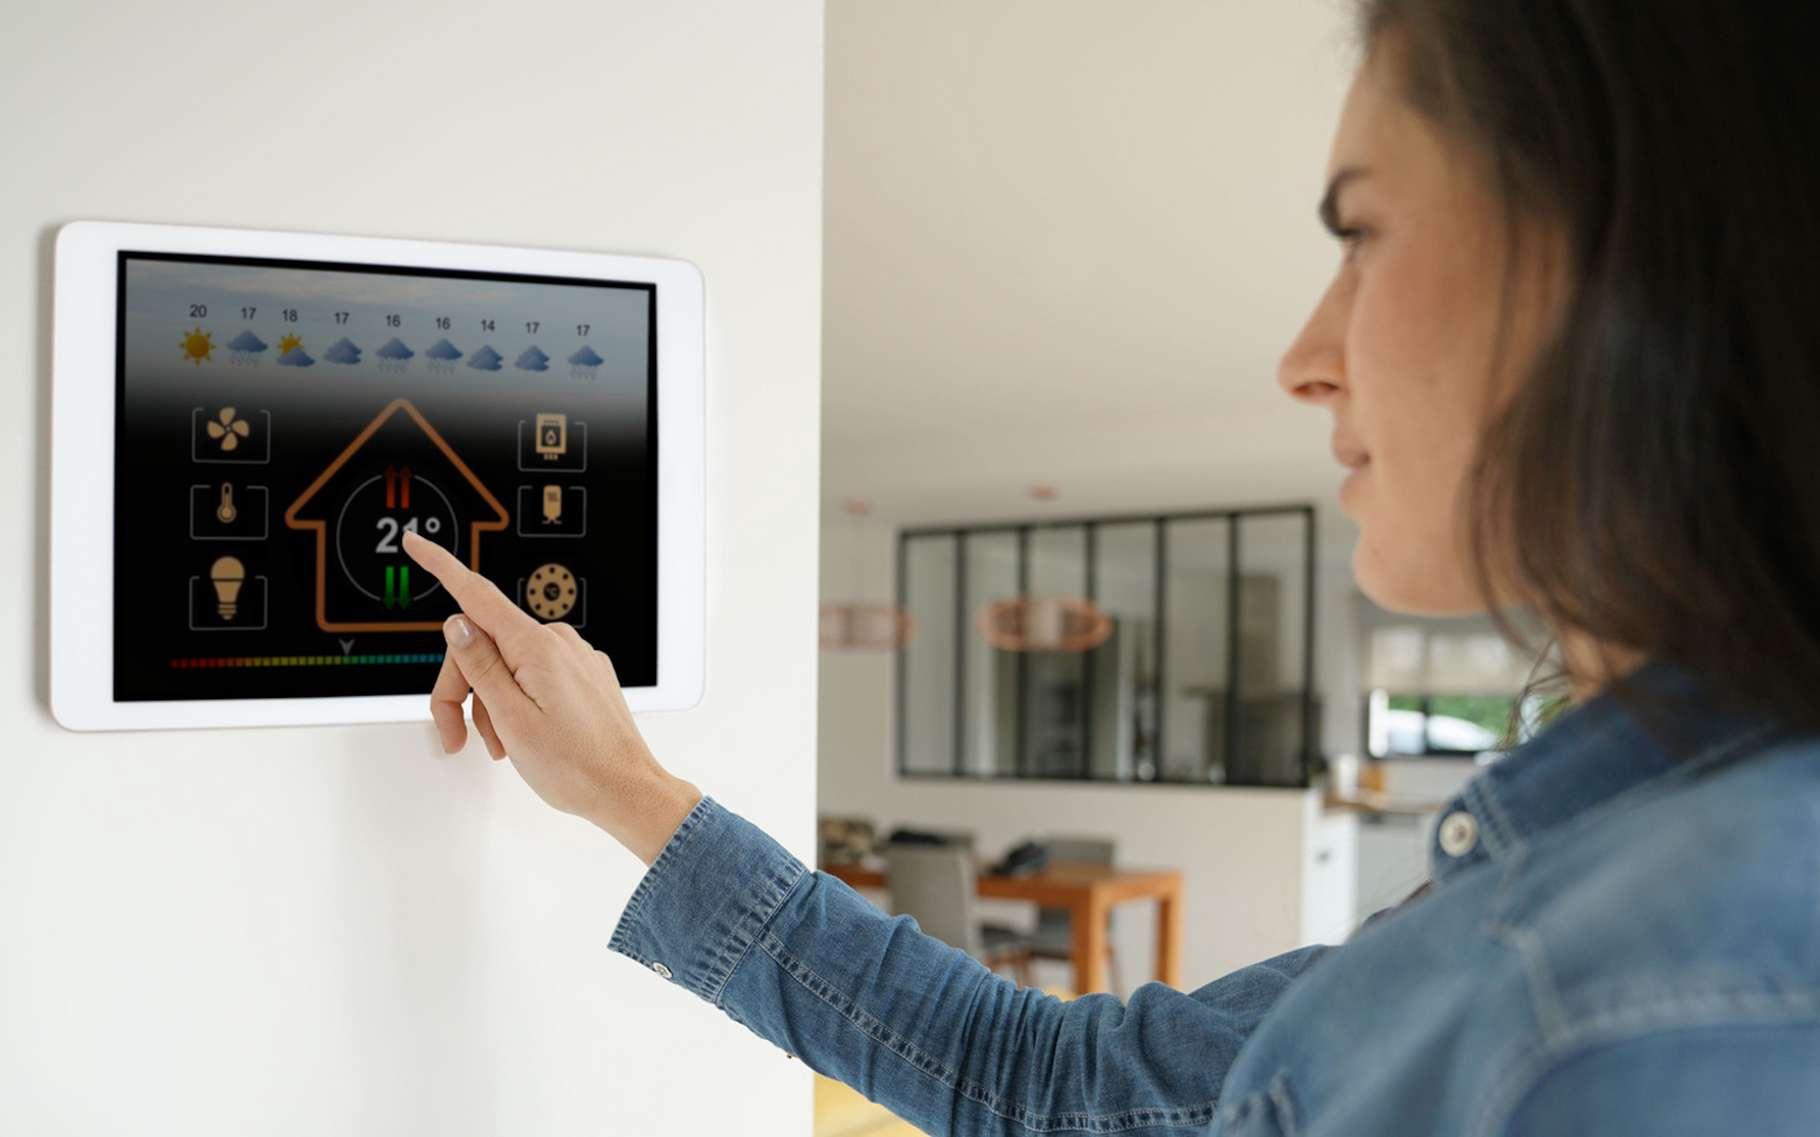 Il existe aujourd'hui de nombreuses solutions qui permettent de gérer sa consommation d'énergie. © goodluz, Fotolia